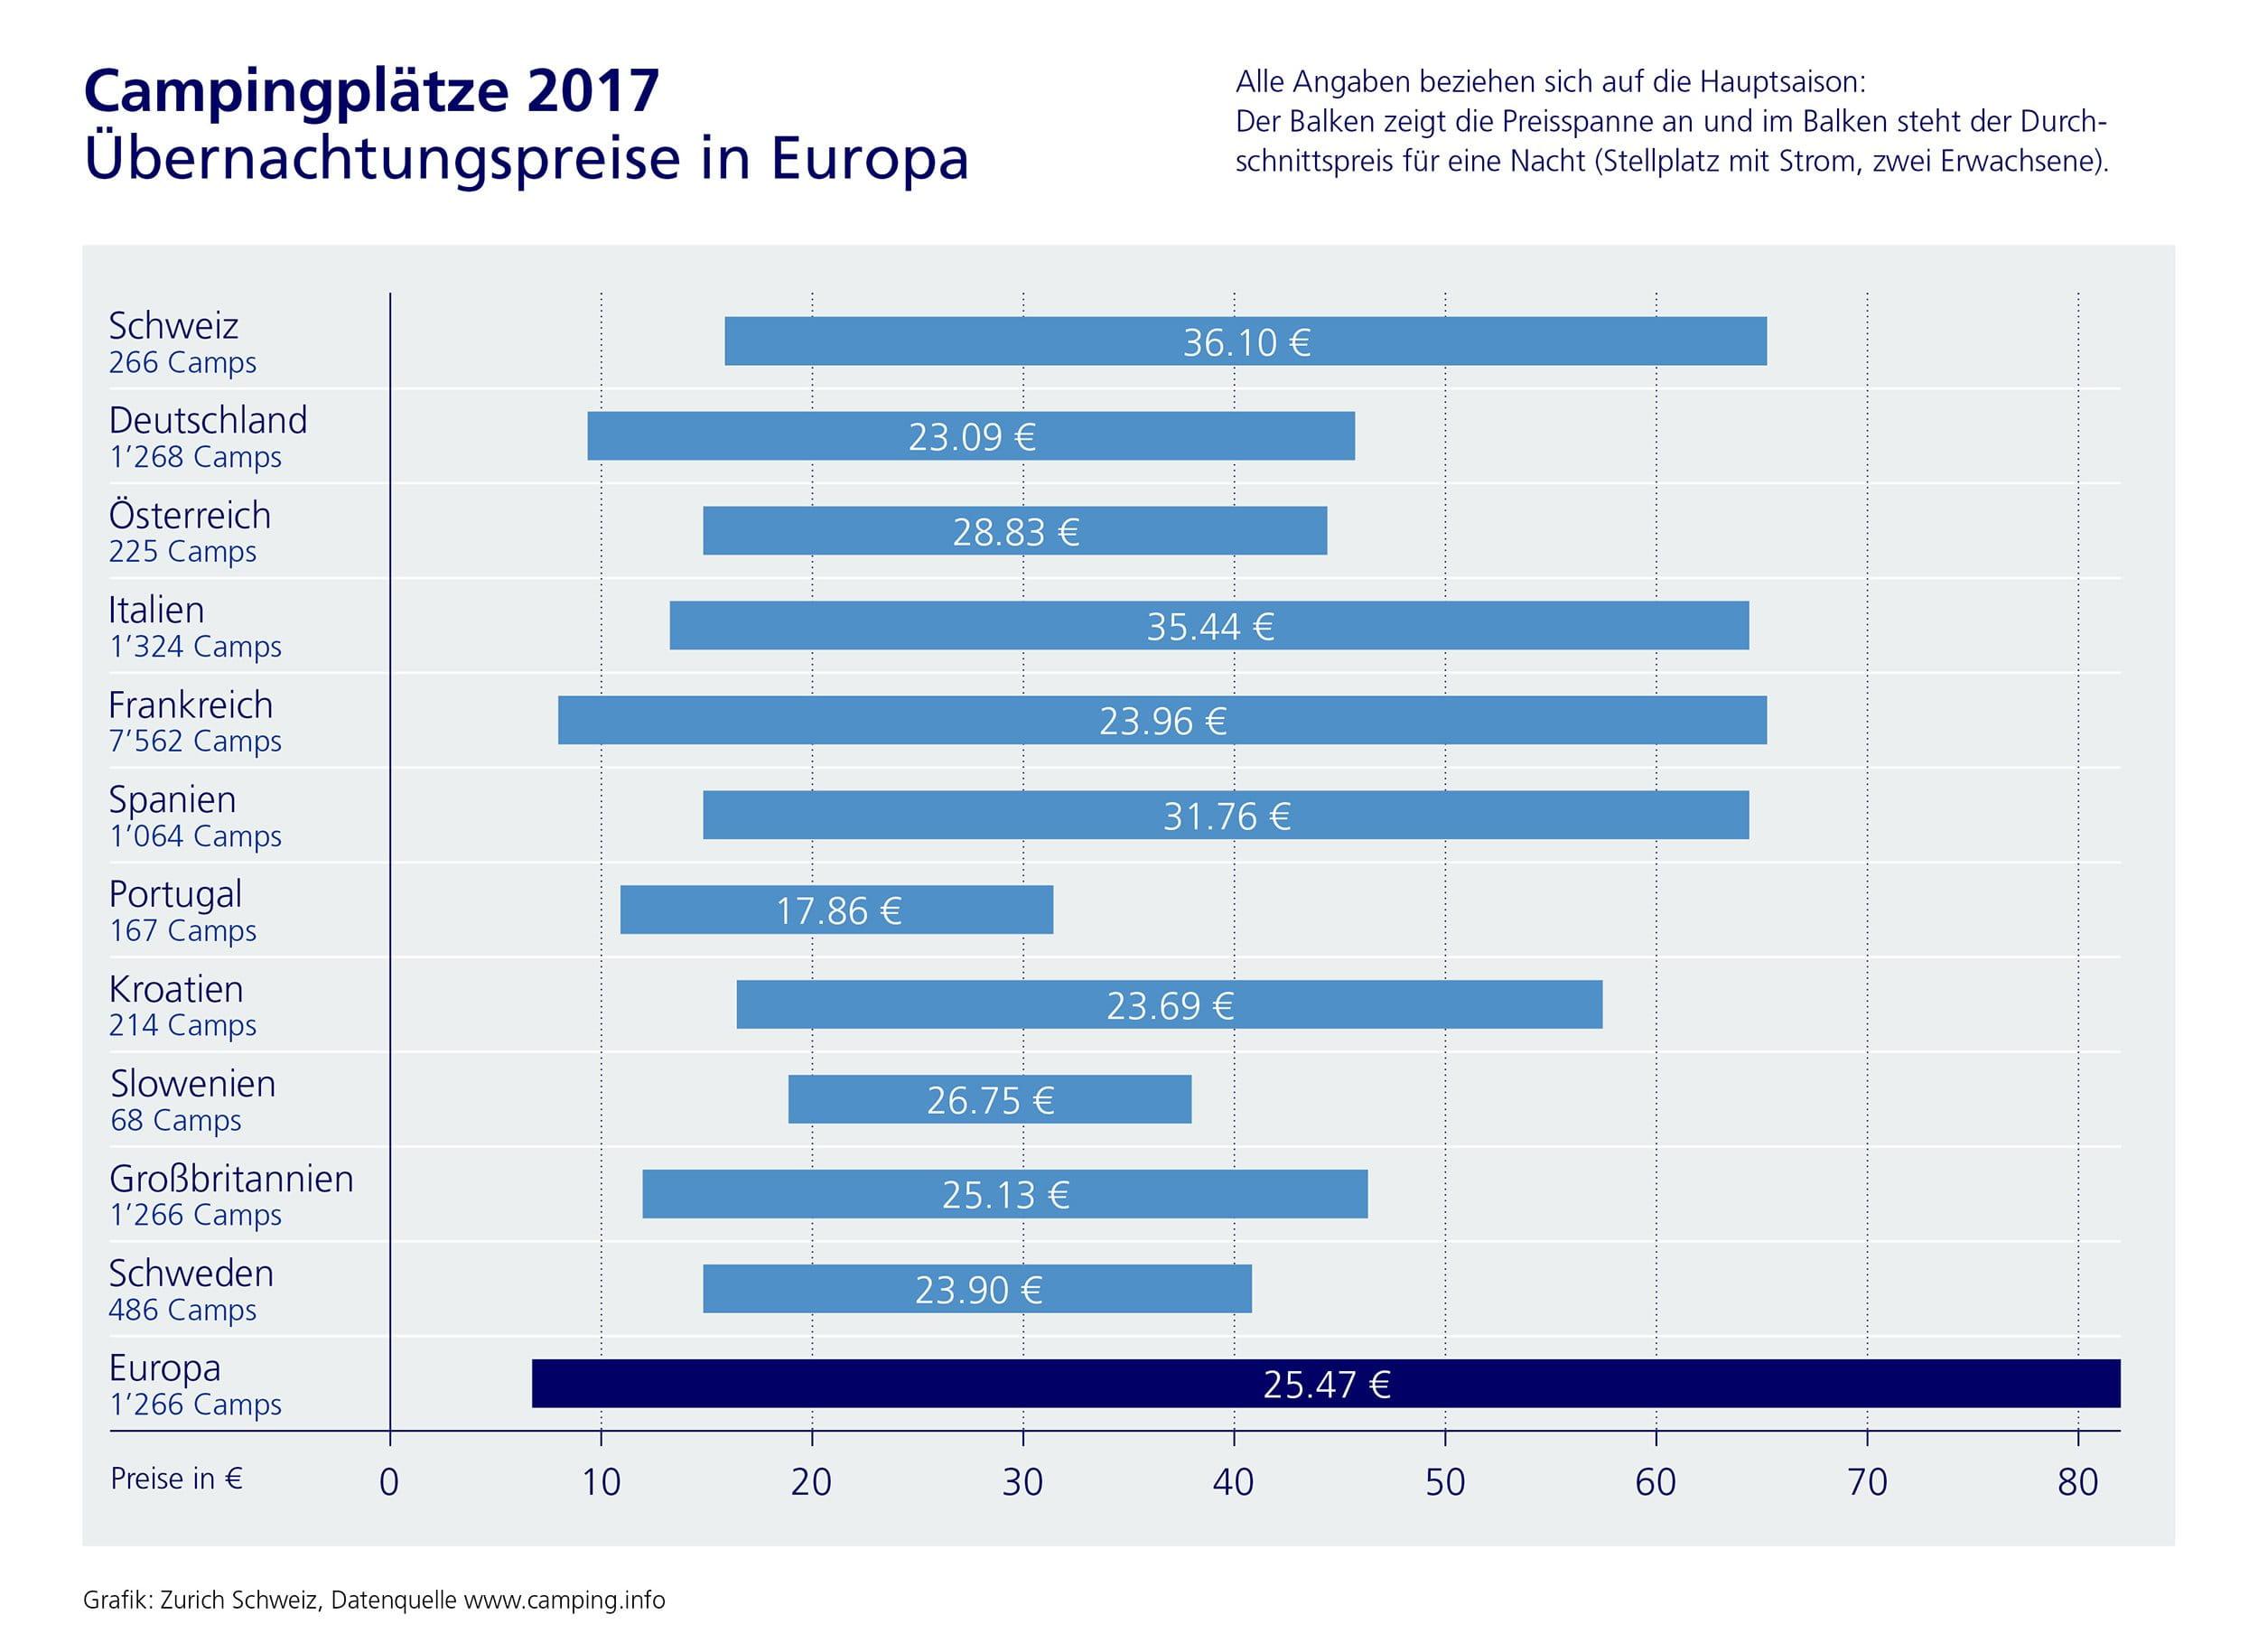 Preise in Europa